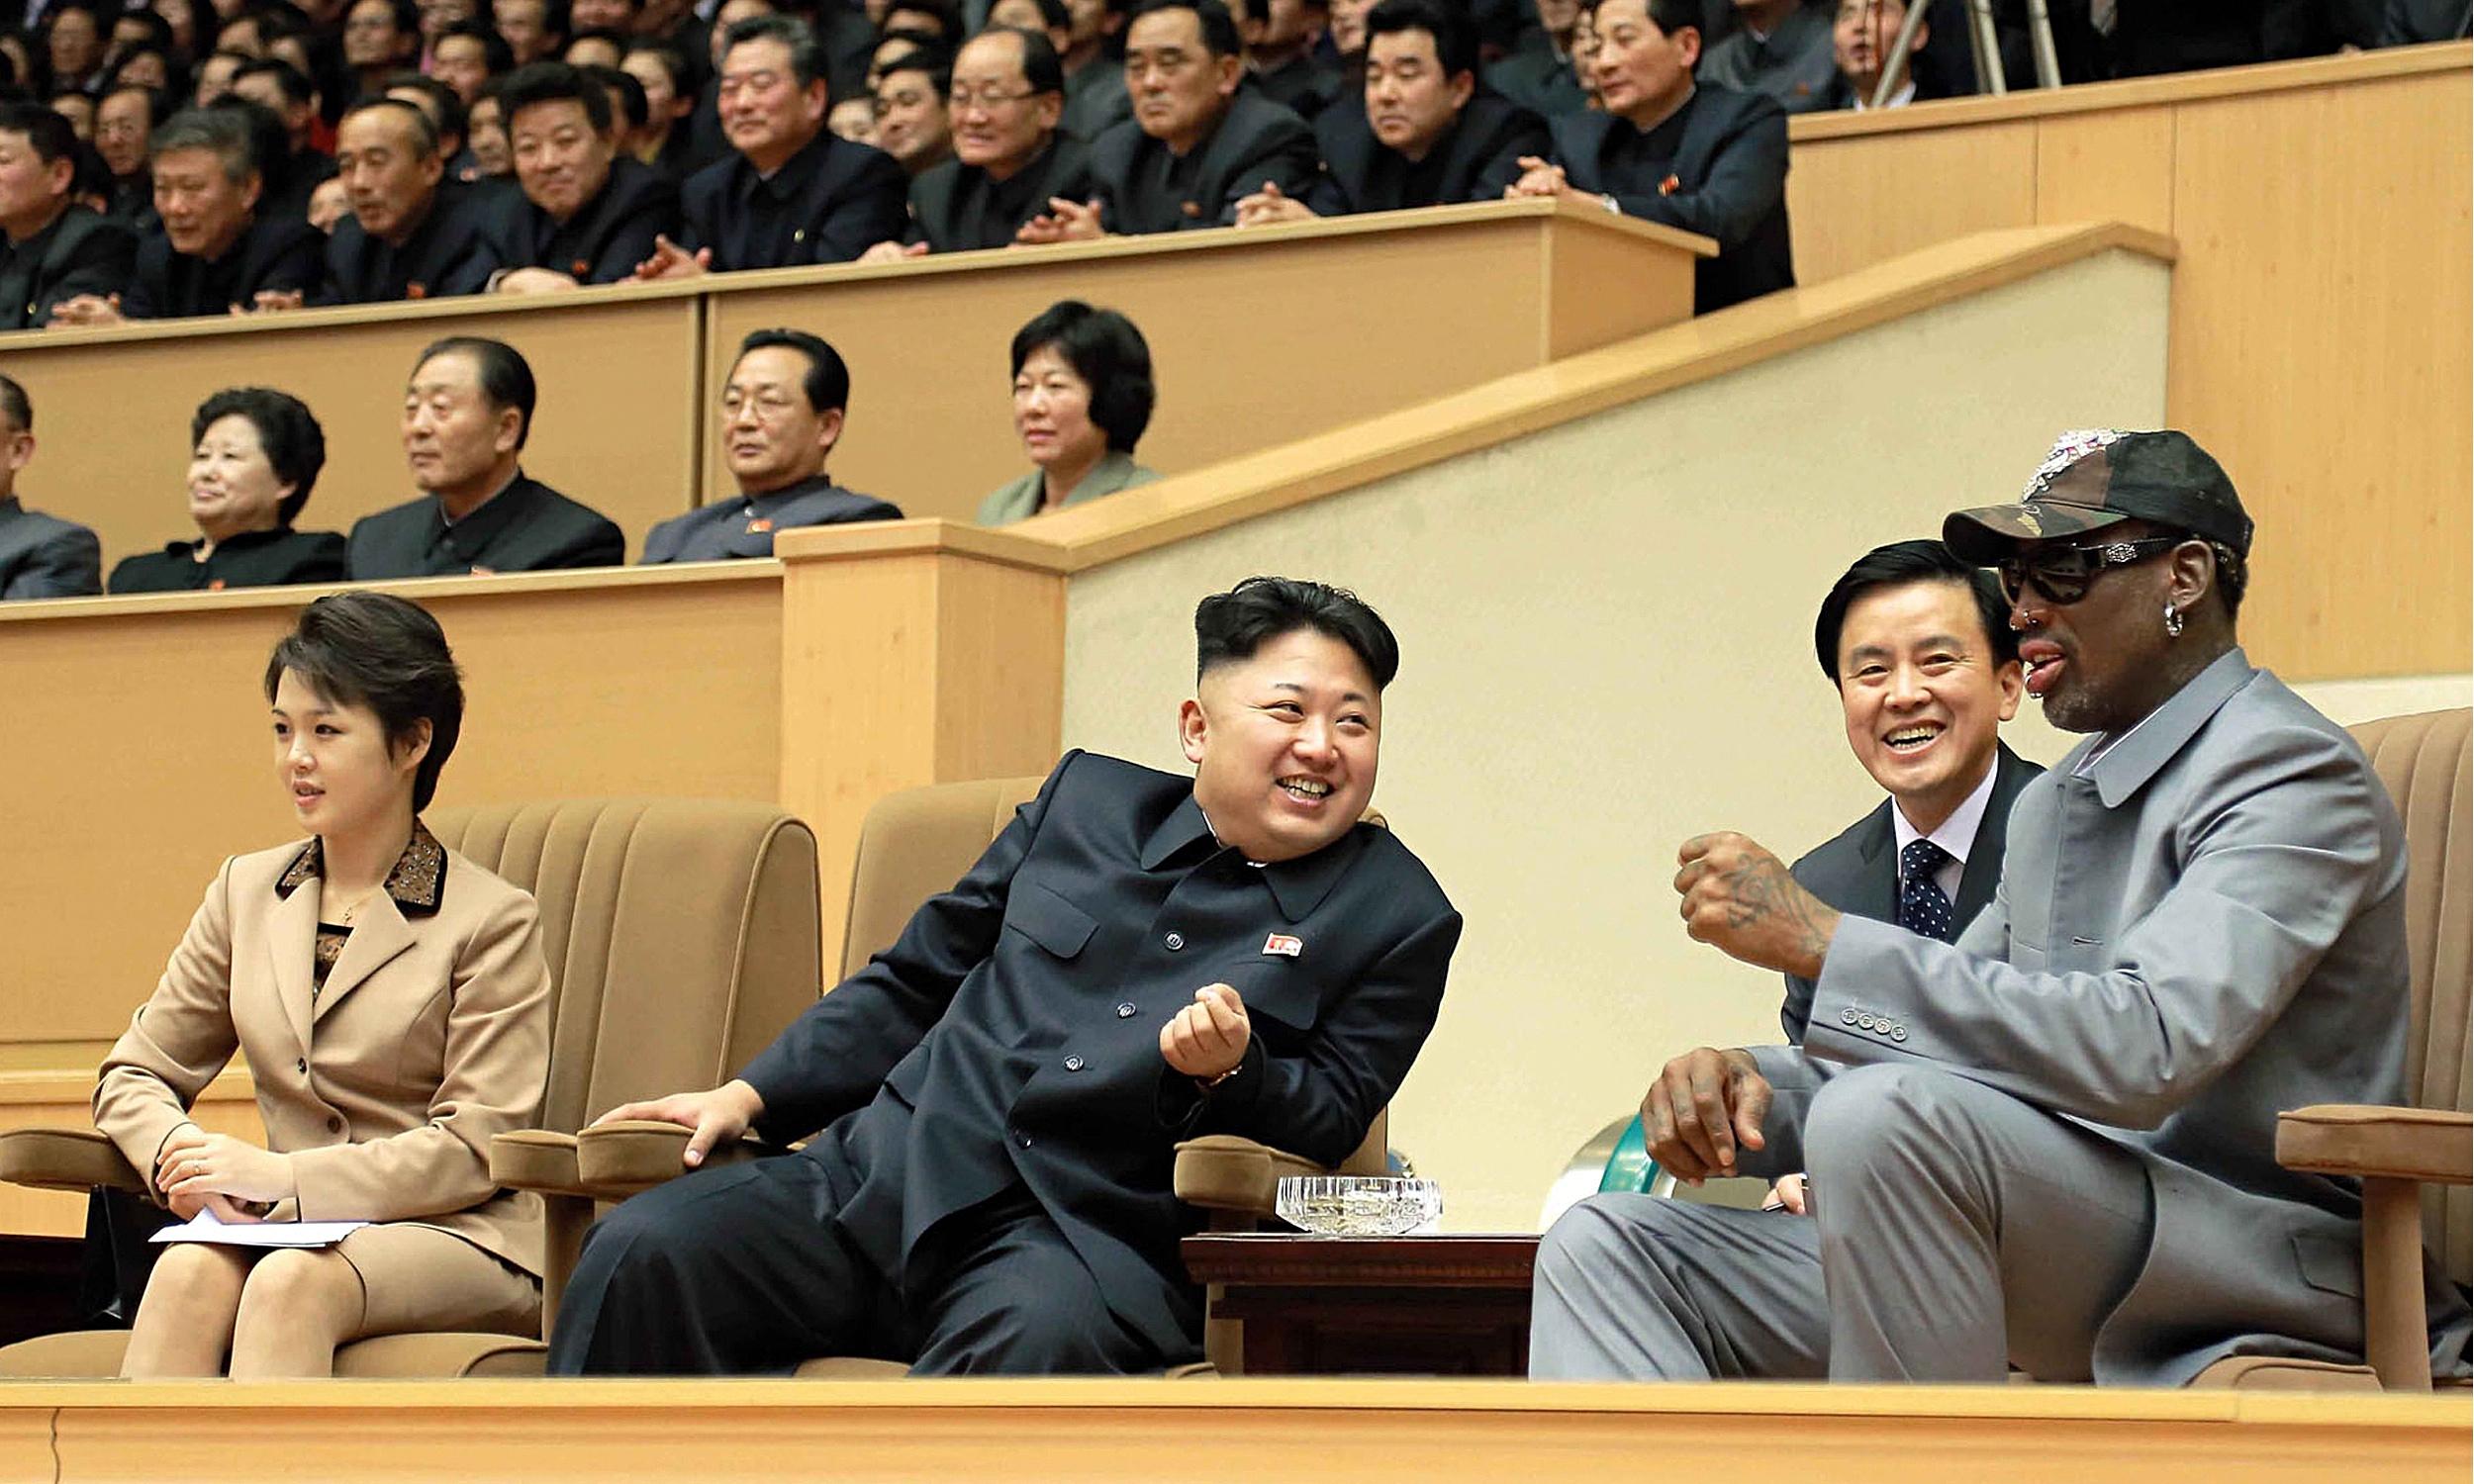 dennis rodman save us nuclear war kim jong un